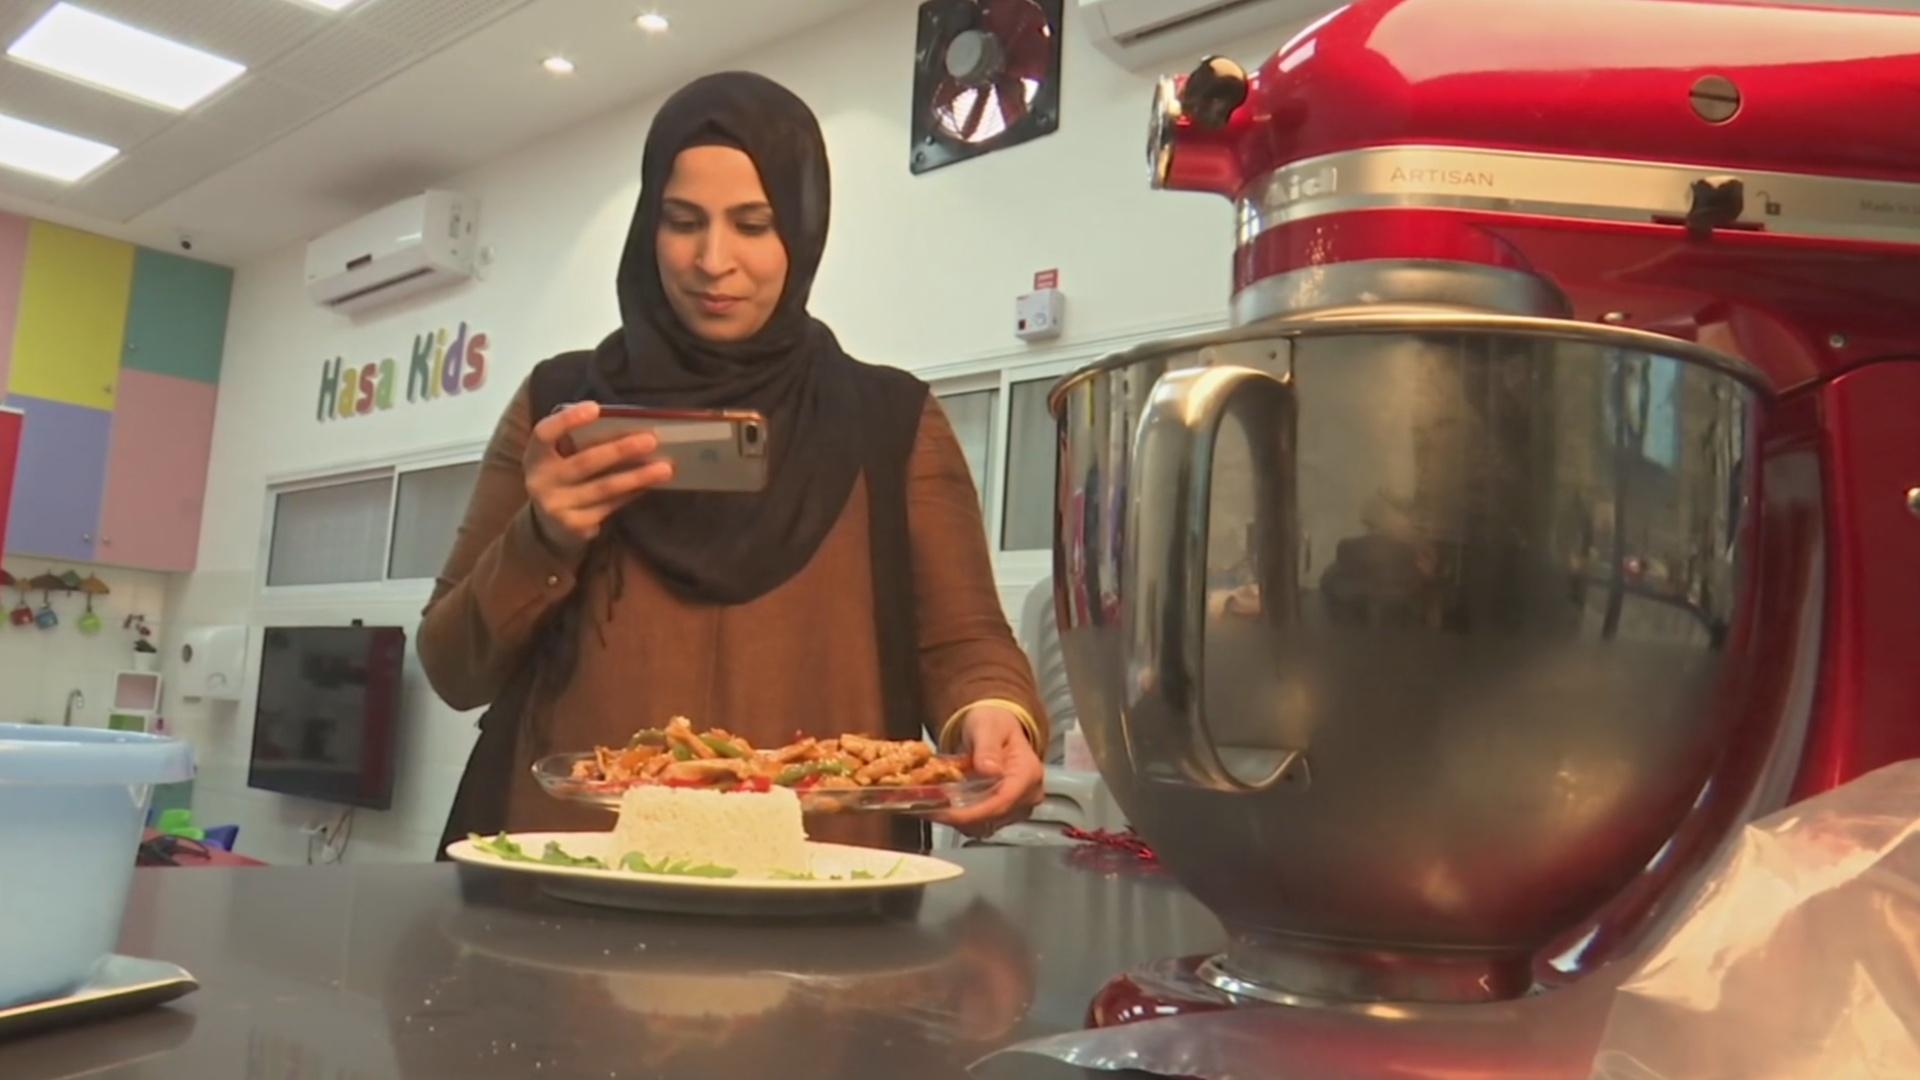 Успех на Facebook вдохновил израильтянку открыть кулинарную школу